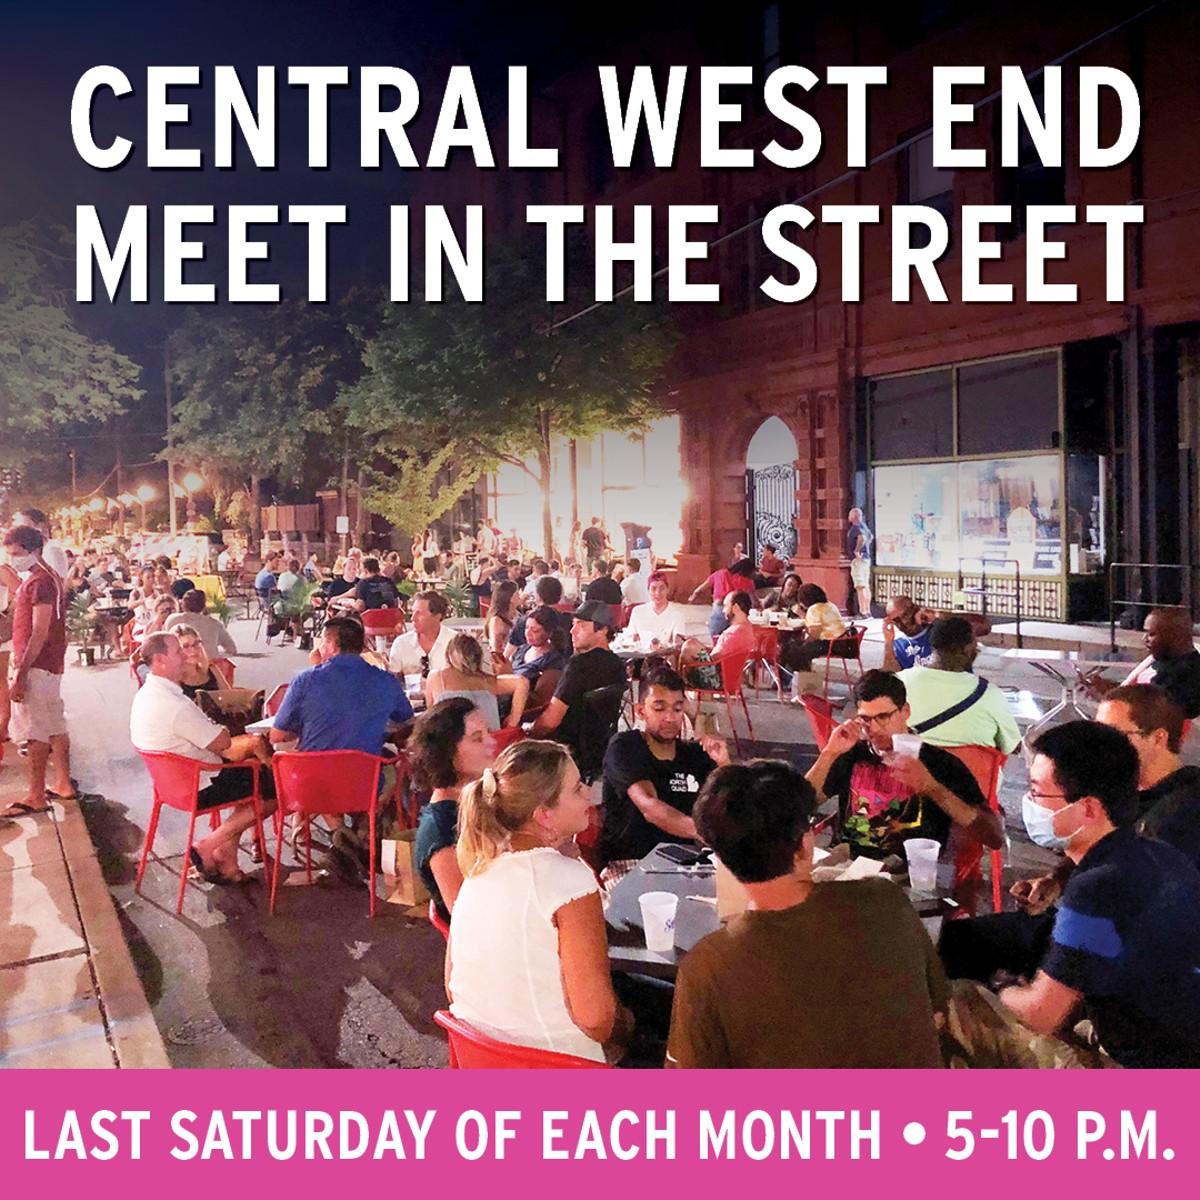 meet_in_the_street_ig.jpg